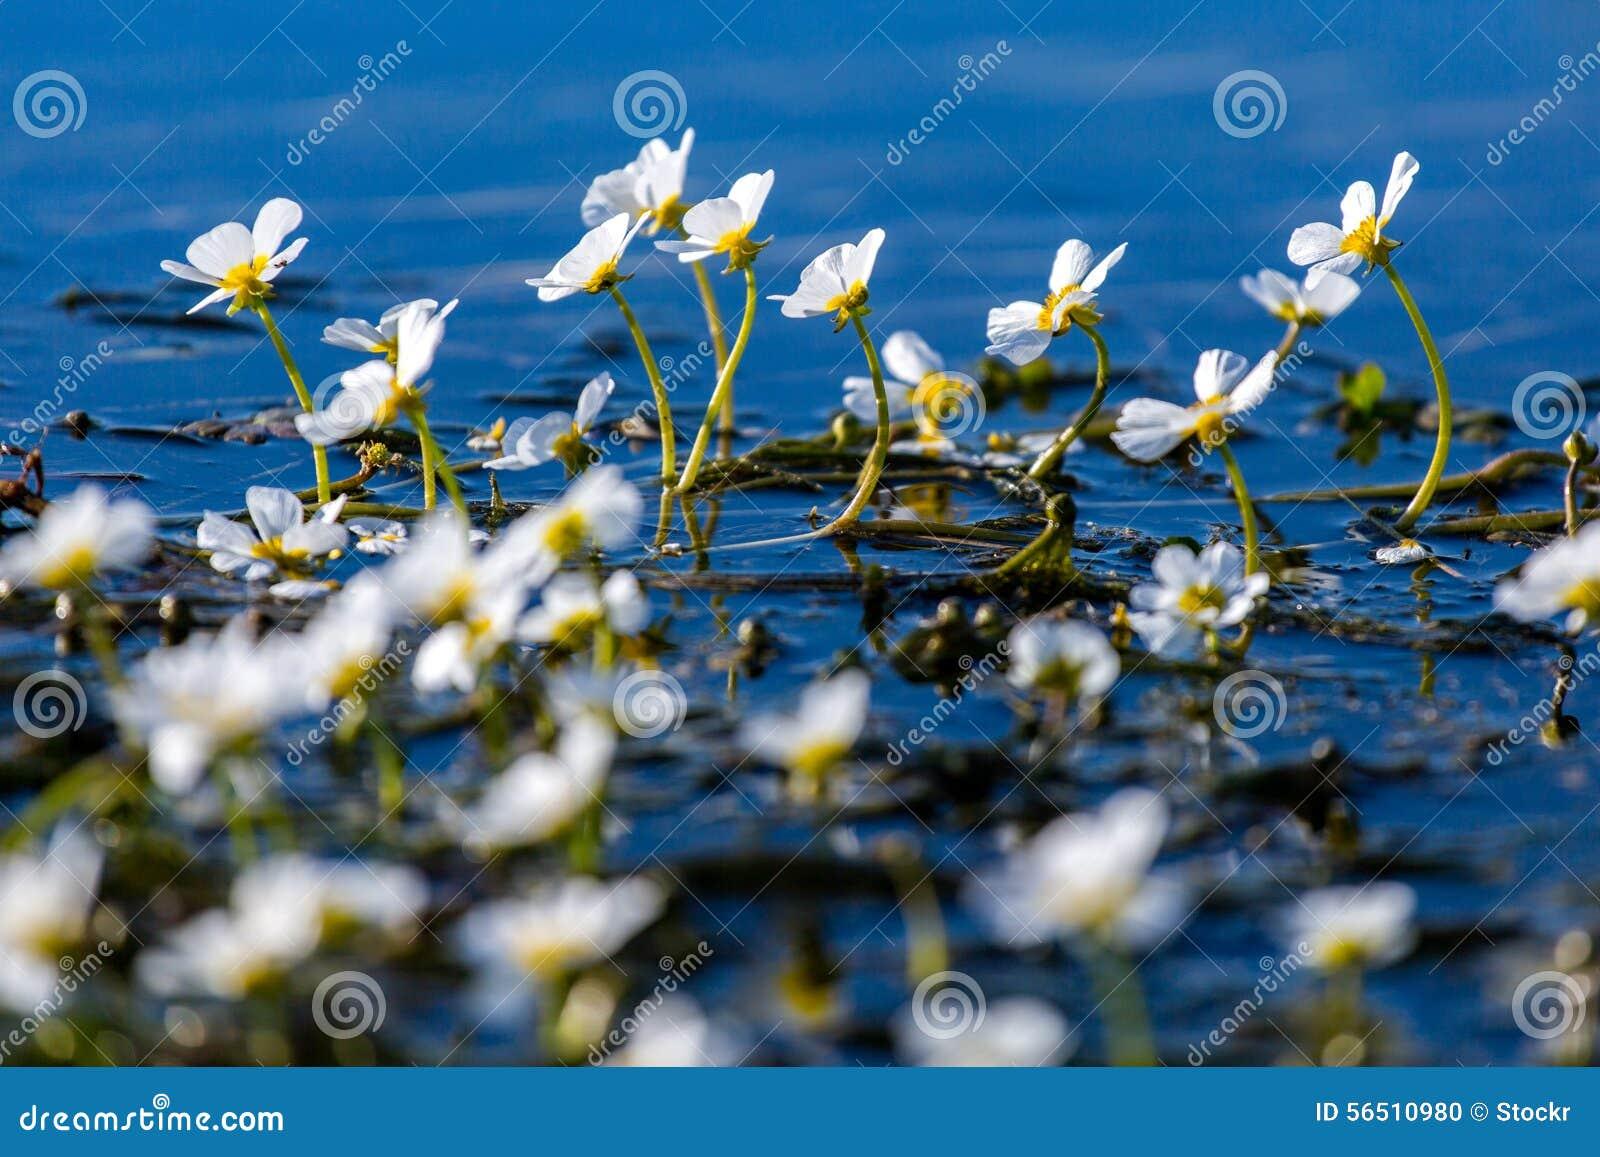 Underwater Growing Flowers | www.pixshark.com - Images ...